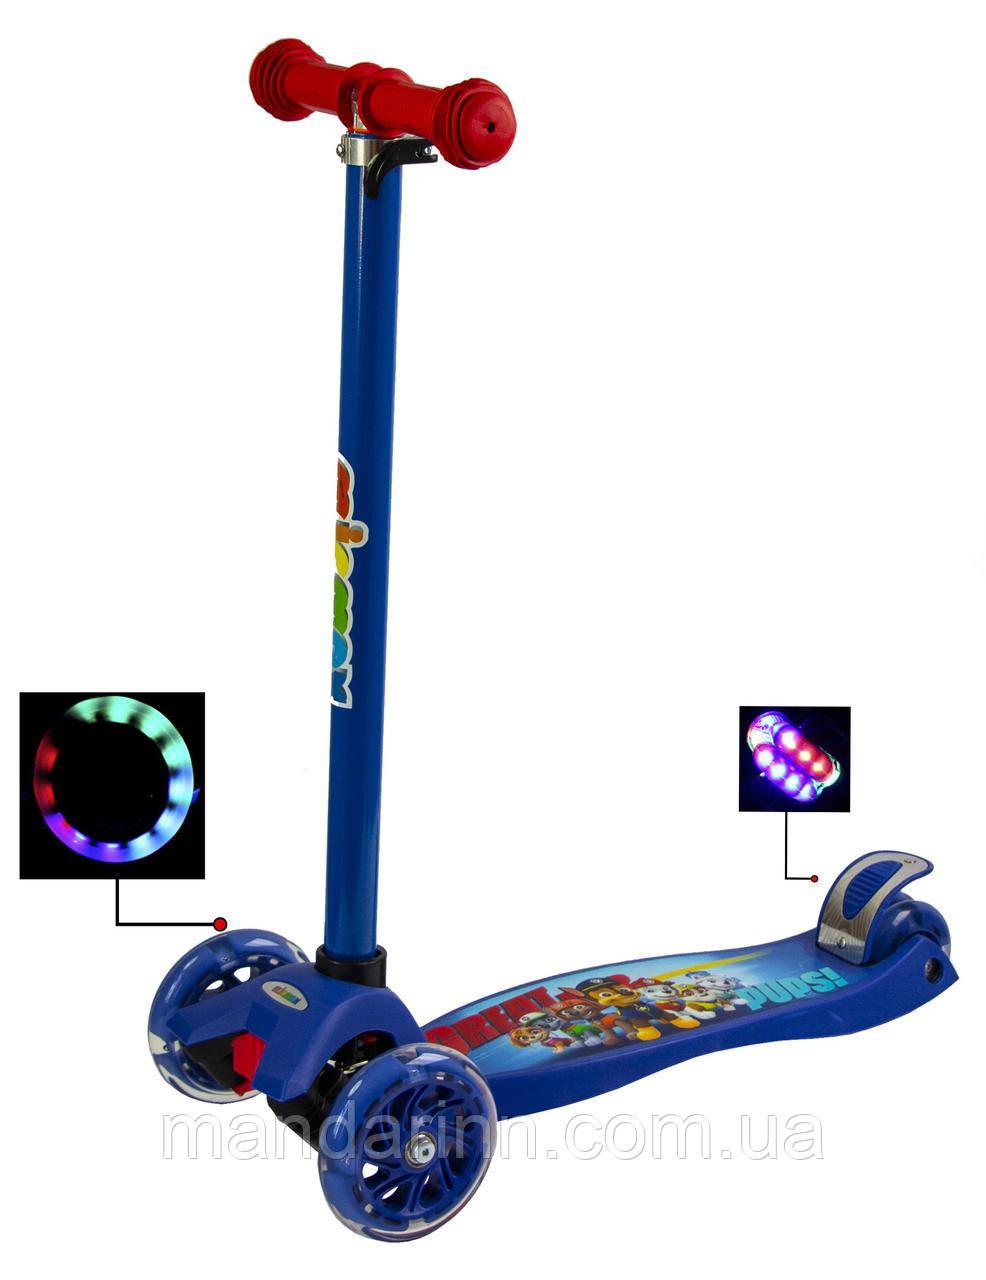 Самокат Maxi Scooter Disney. Щенячий патруль